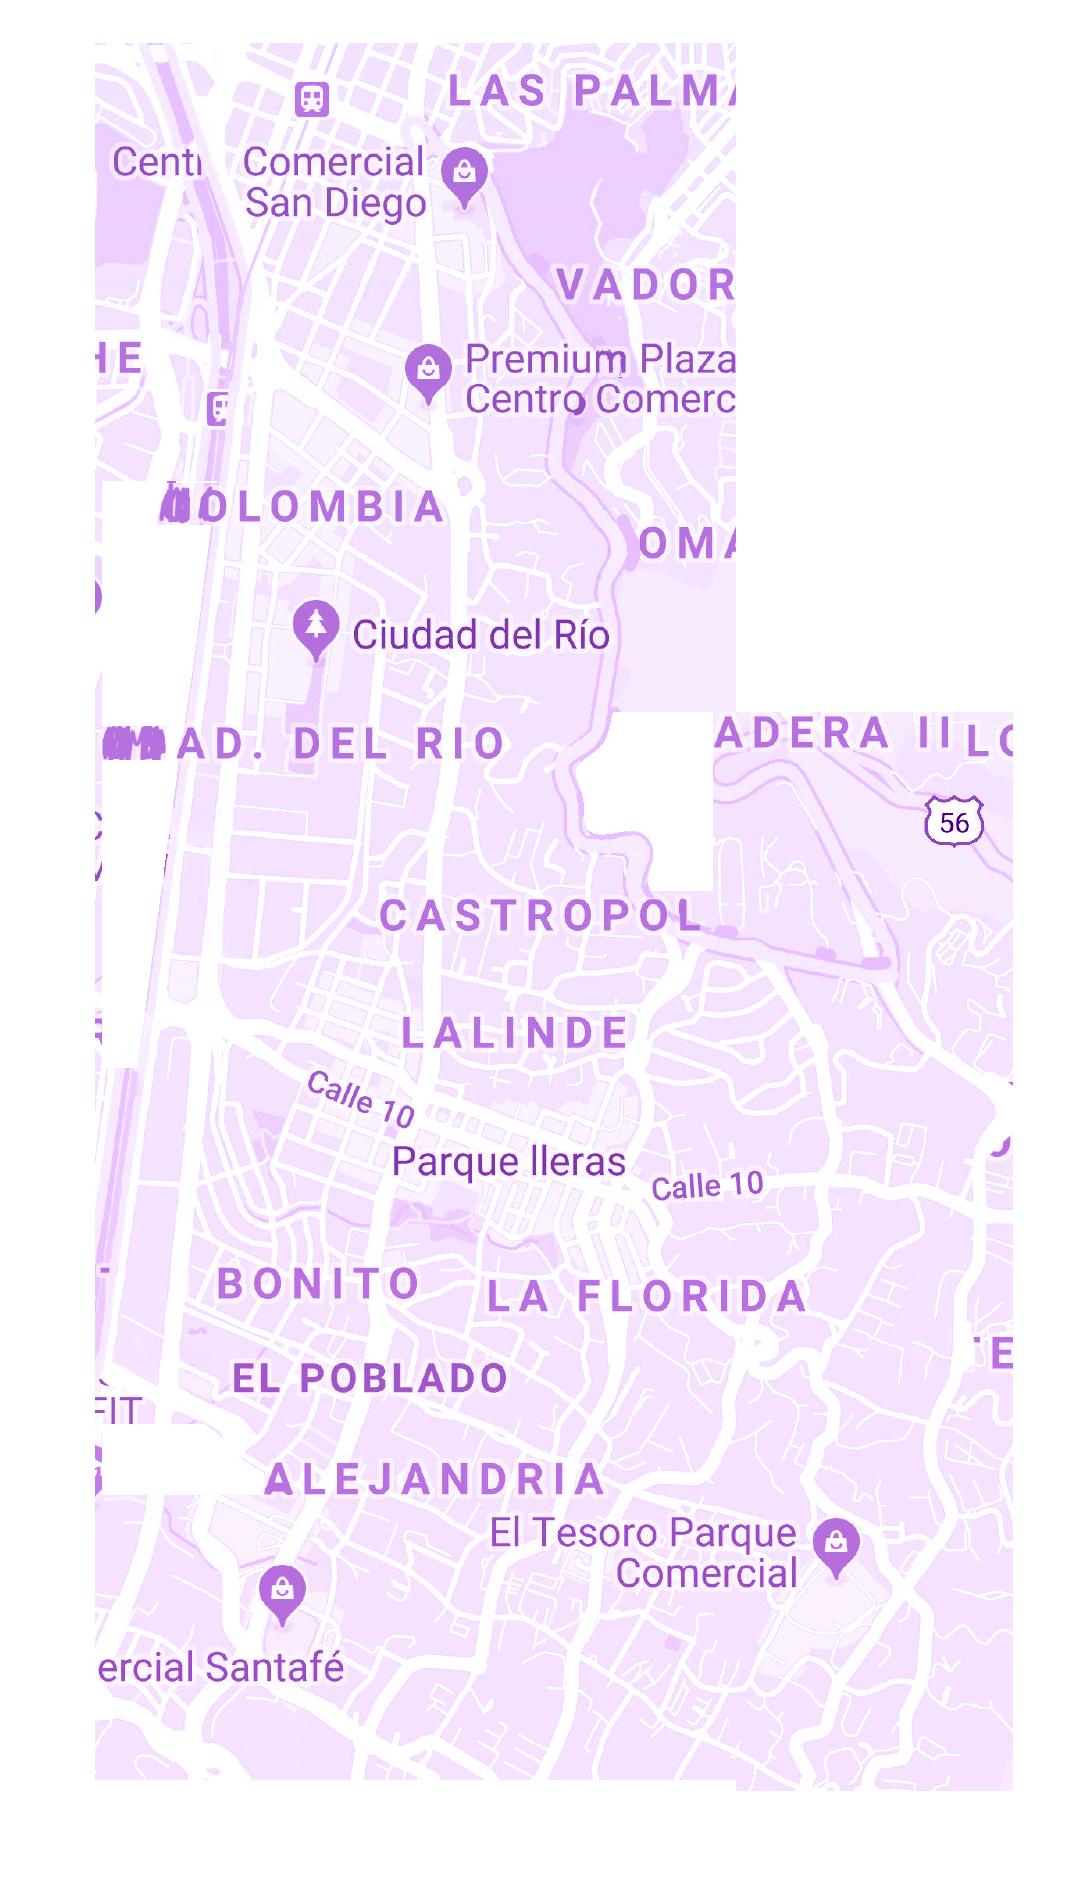 Poblado-El-Tesoro.png